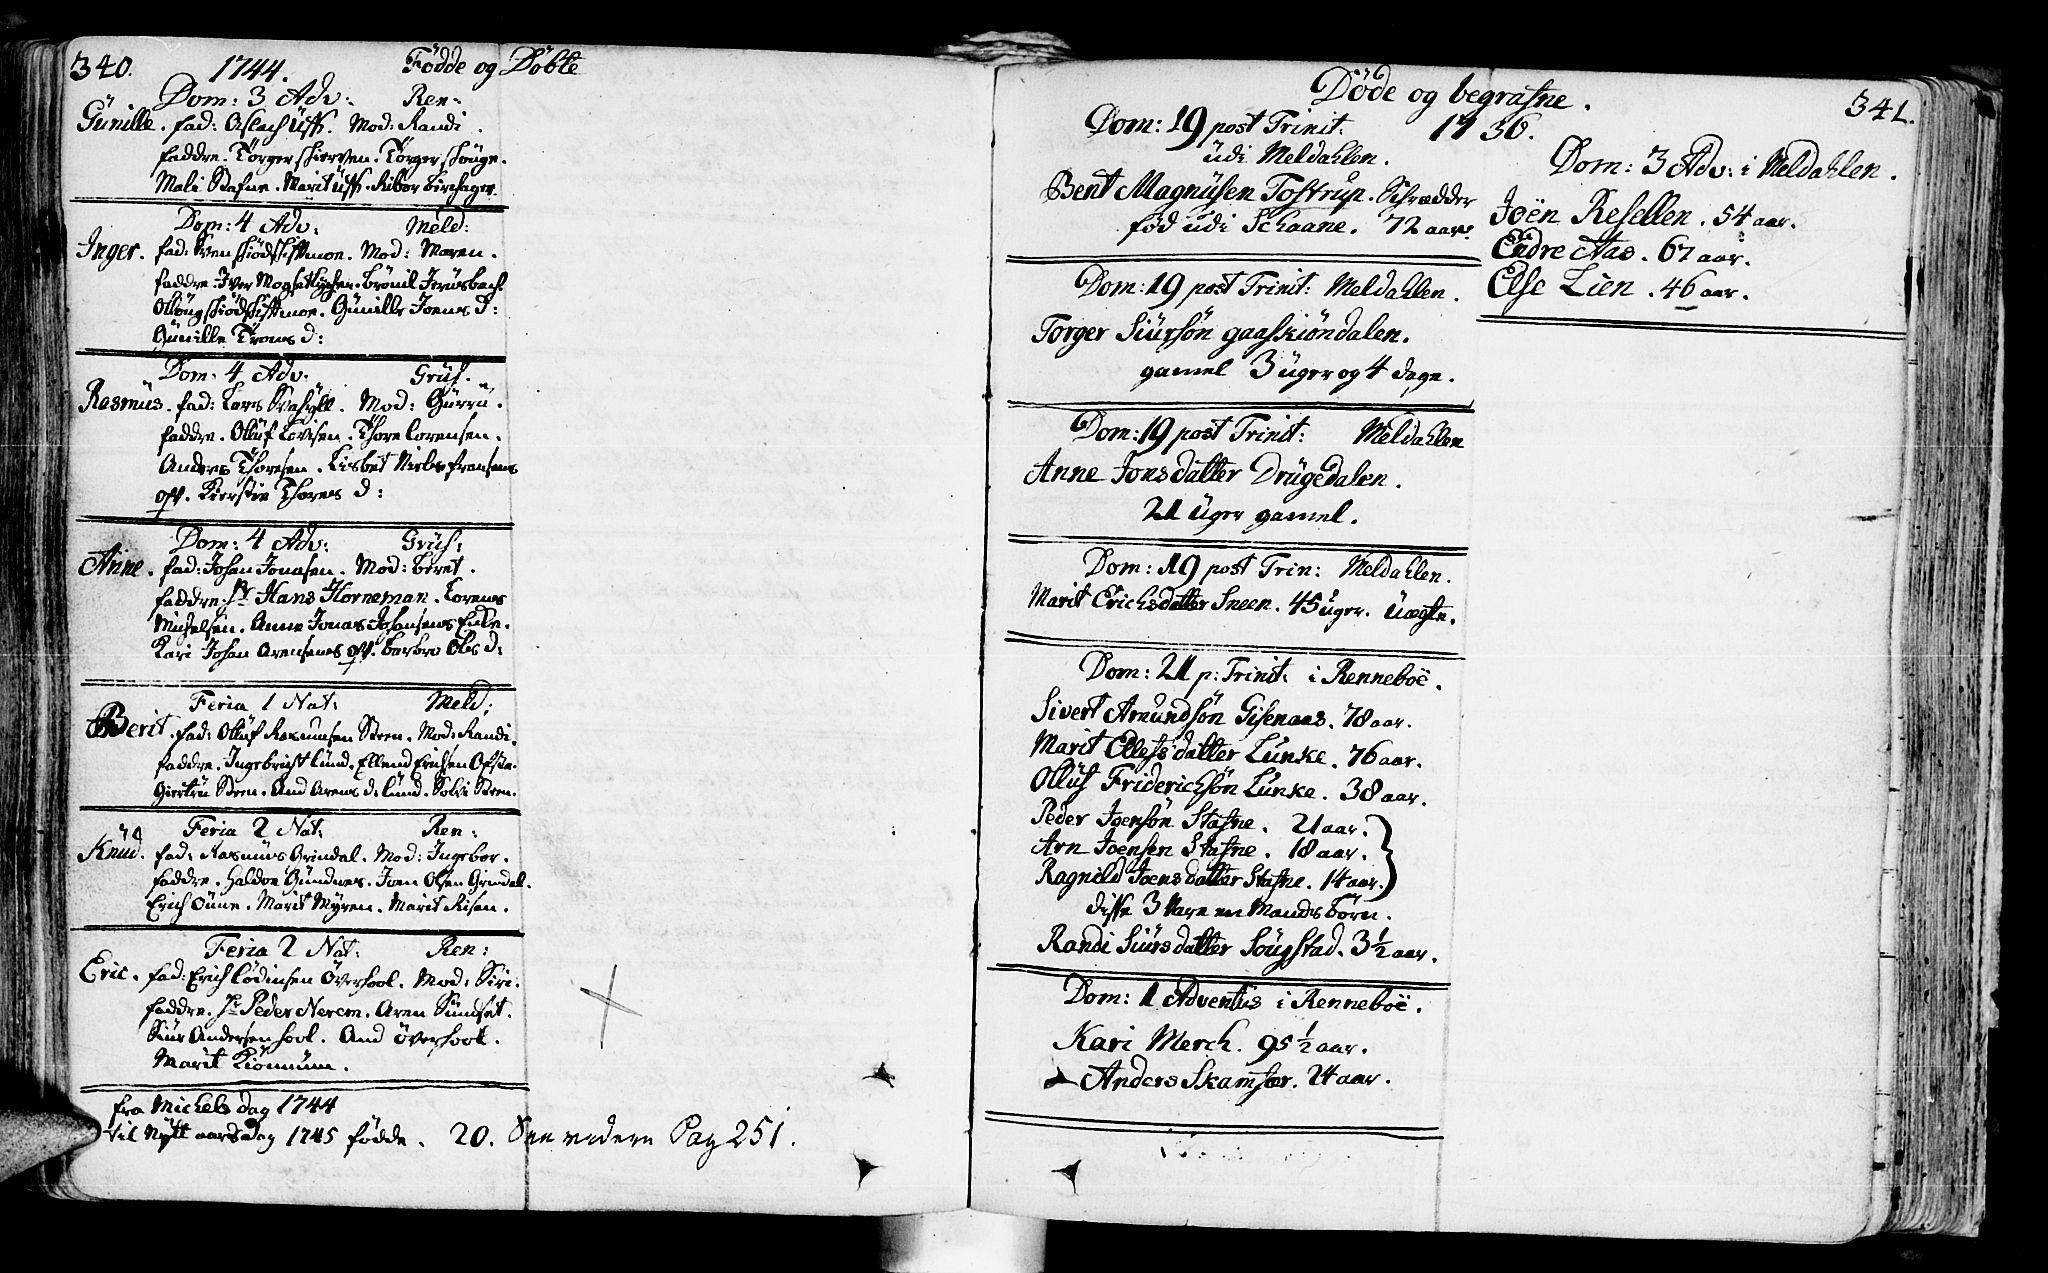 SAT, Ministerialprotokoller, klokkerbøker og fødselsregistre - Sør-Trøndelag, 672/L0850: Ministerialbok nr. 672A03, 1725-1751, s. 340-341